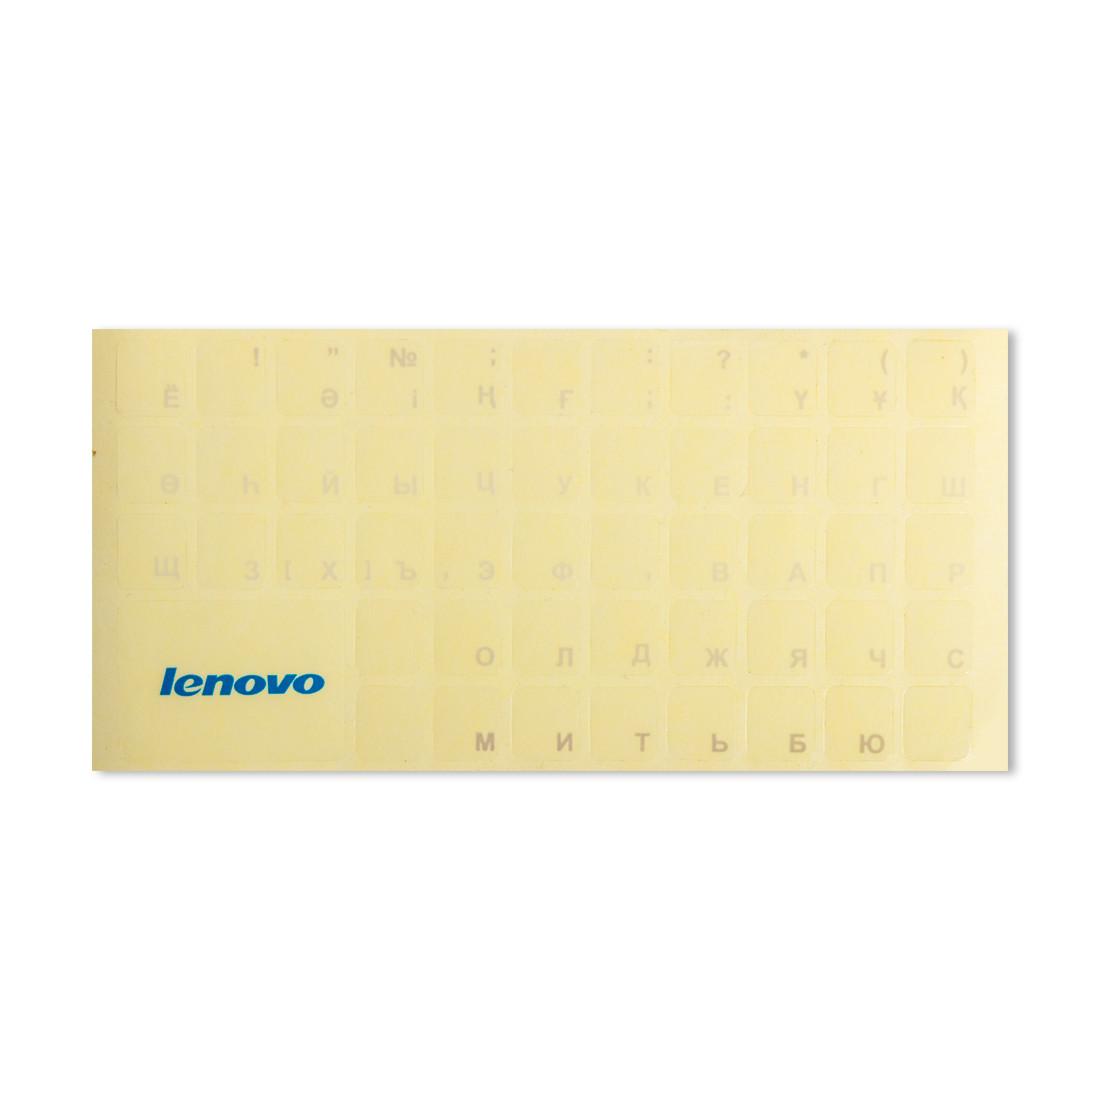 Наклейки на клавиатуру, Lenovo, для тёмных клавиш, (Фон: прозрачный. Шрифт: Рус. - белый, Каз. - белый)